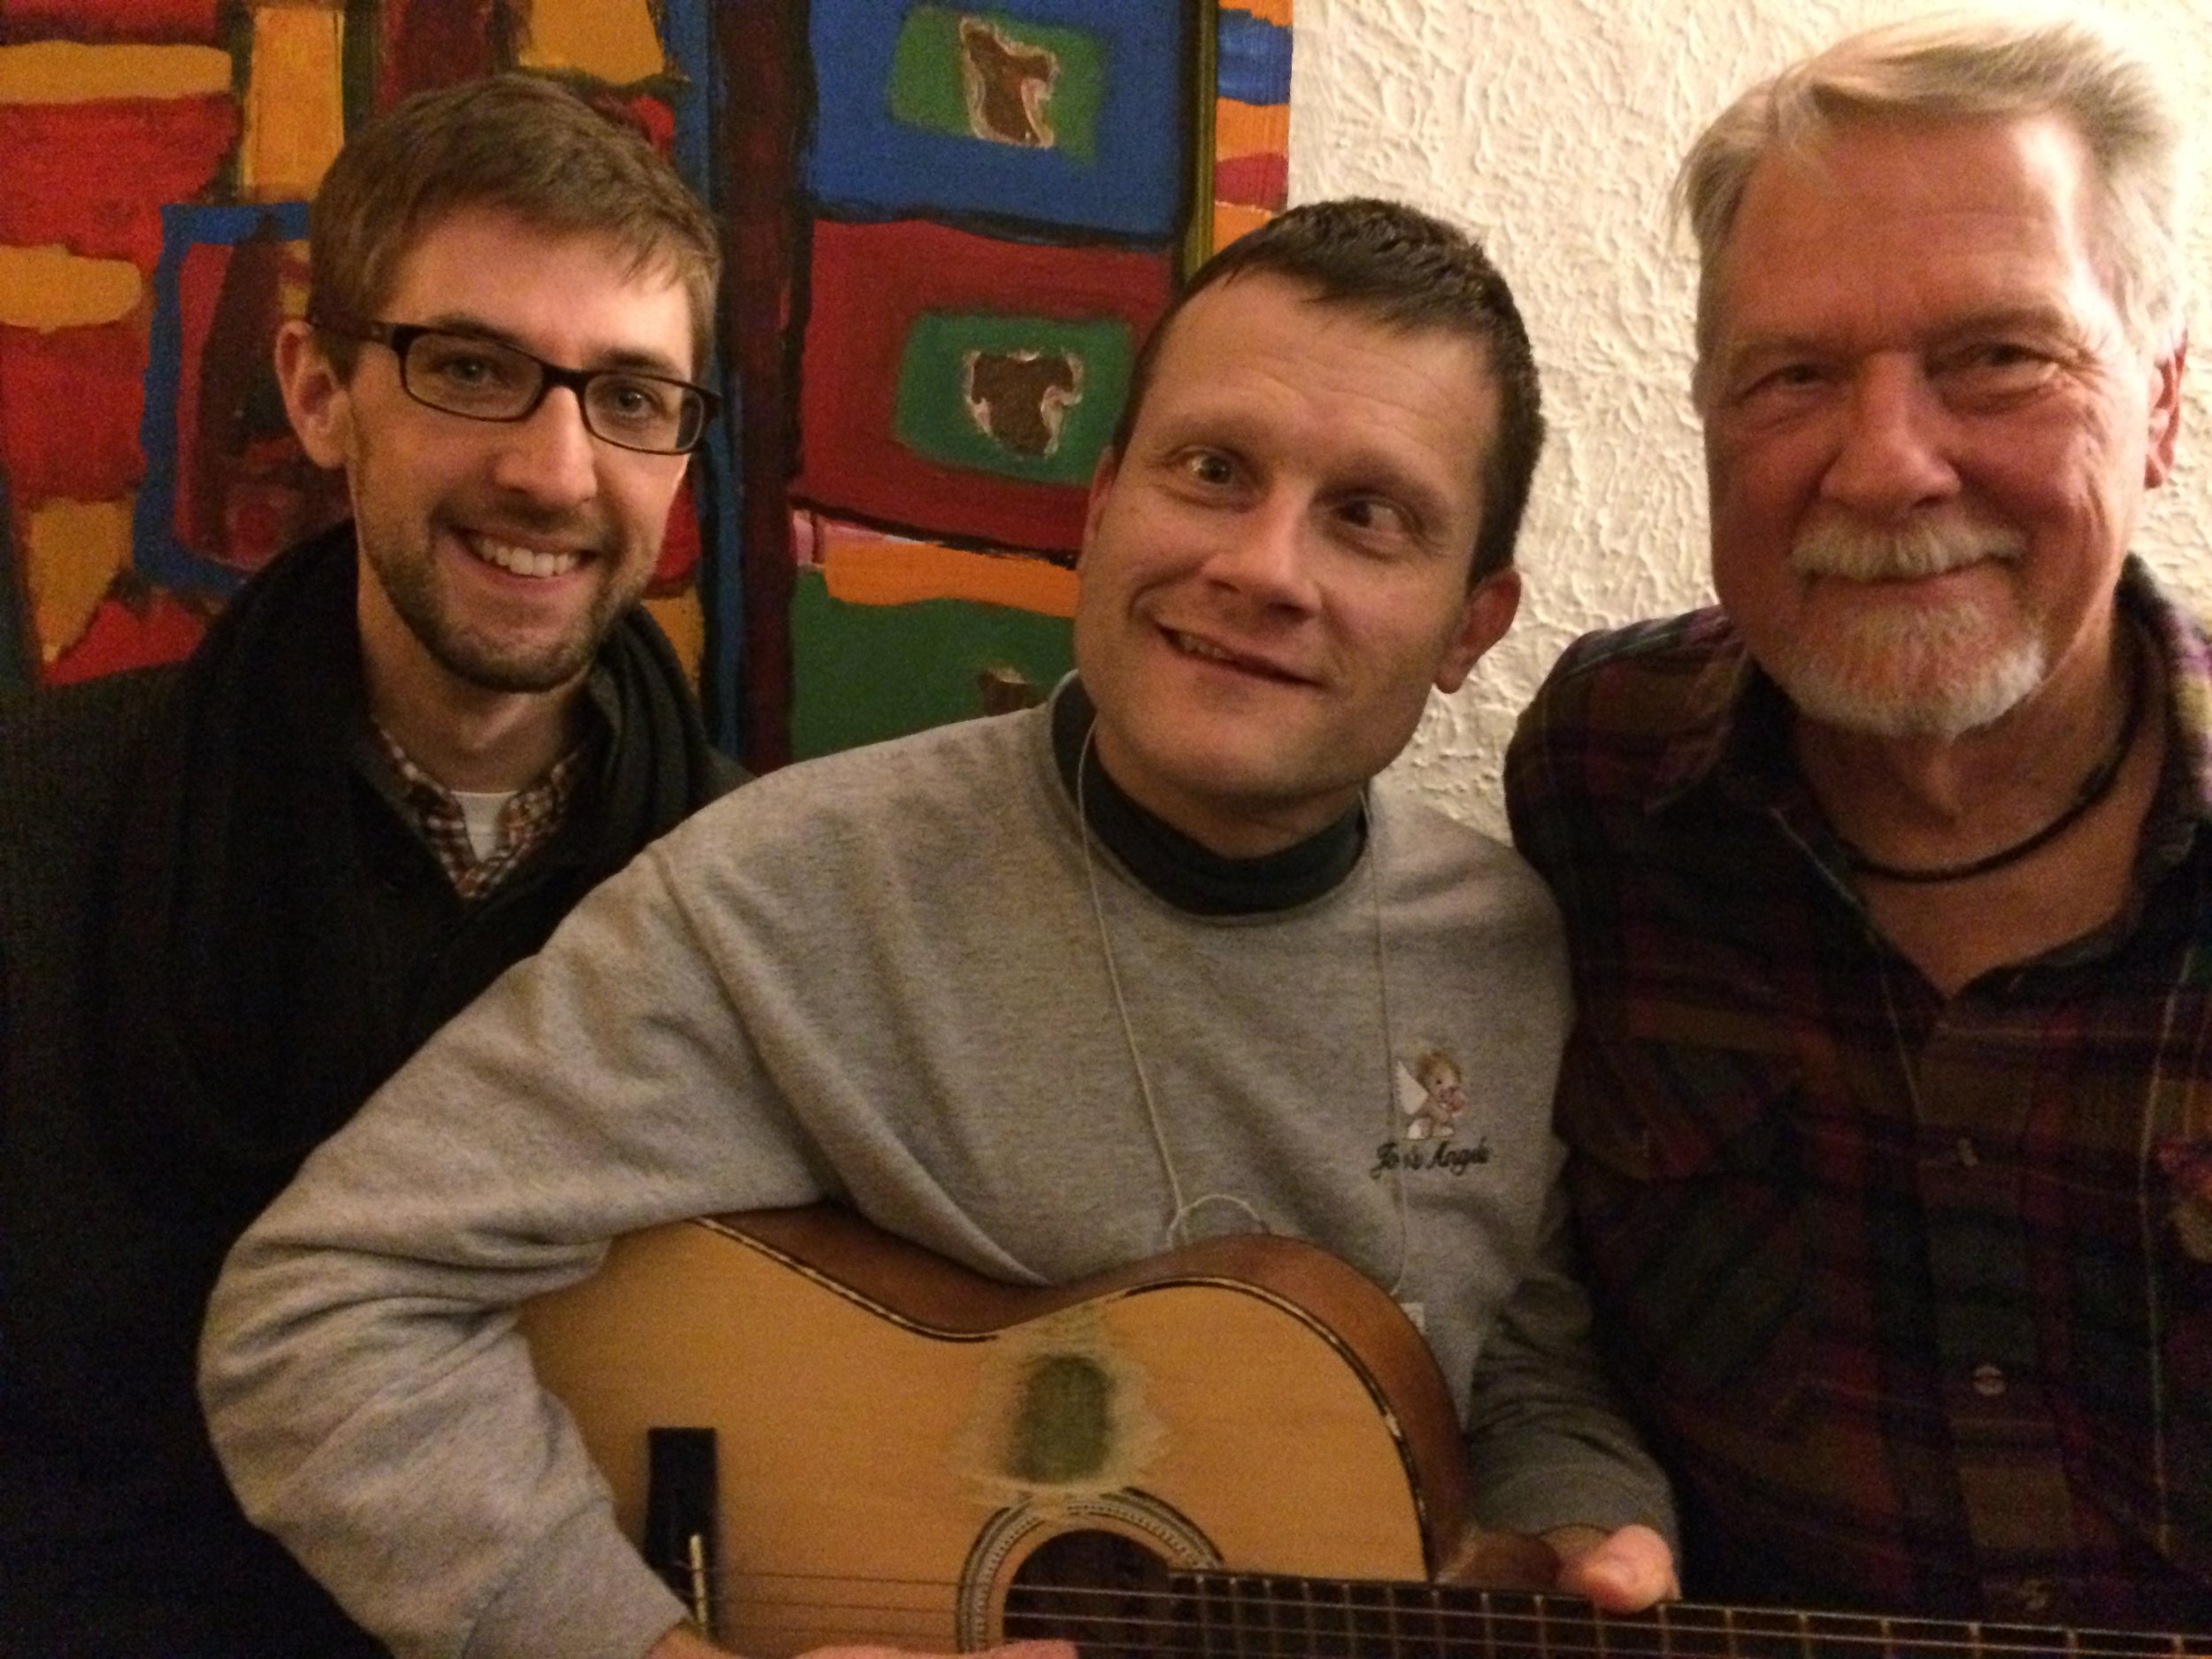 Mic, Noah, and Ron at a Community Night